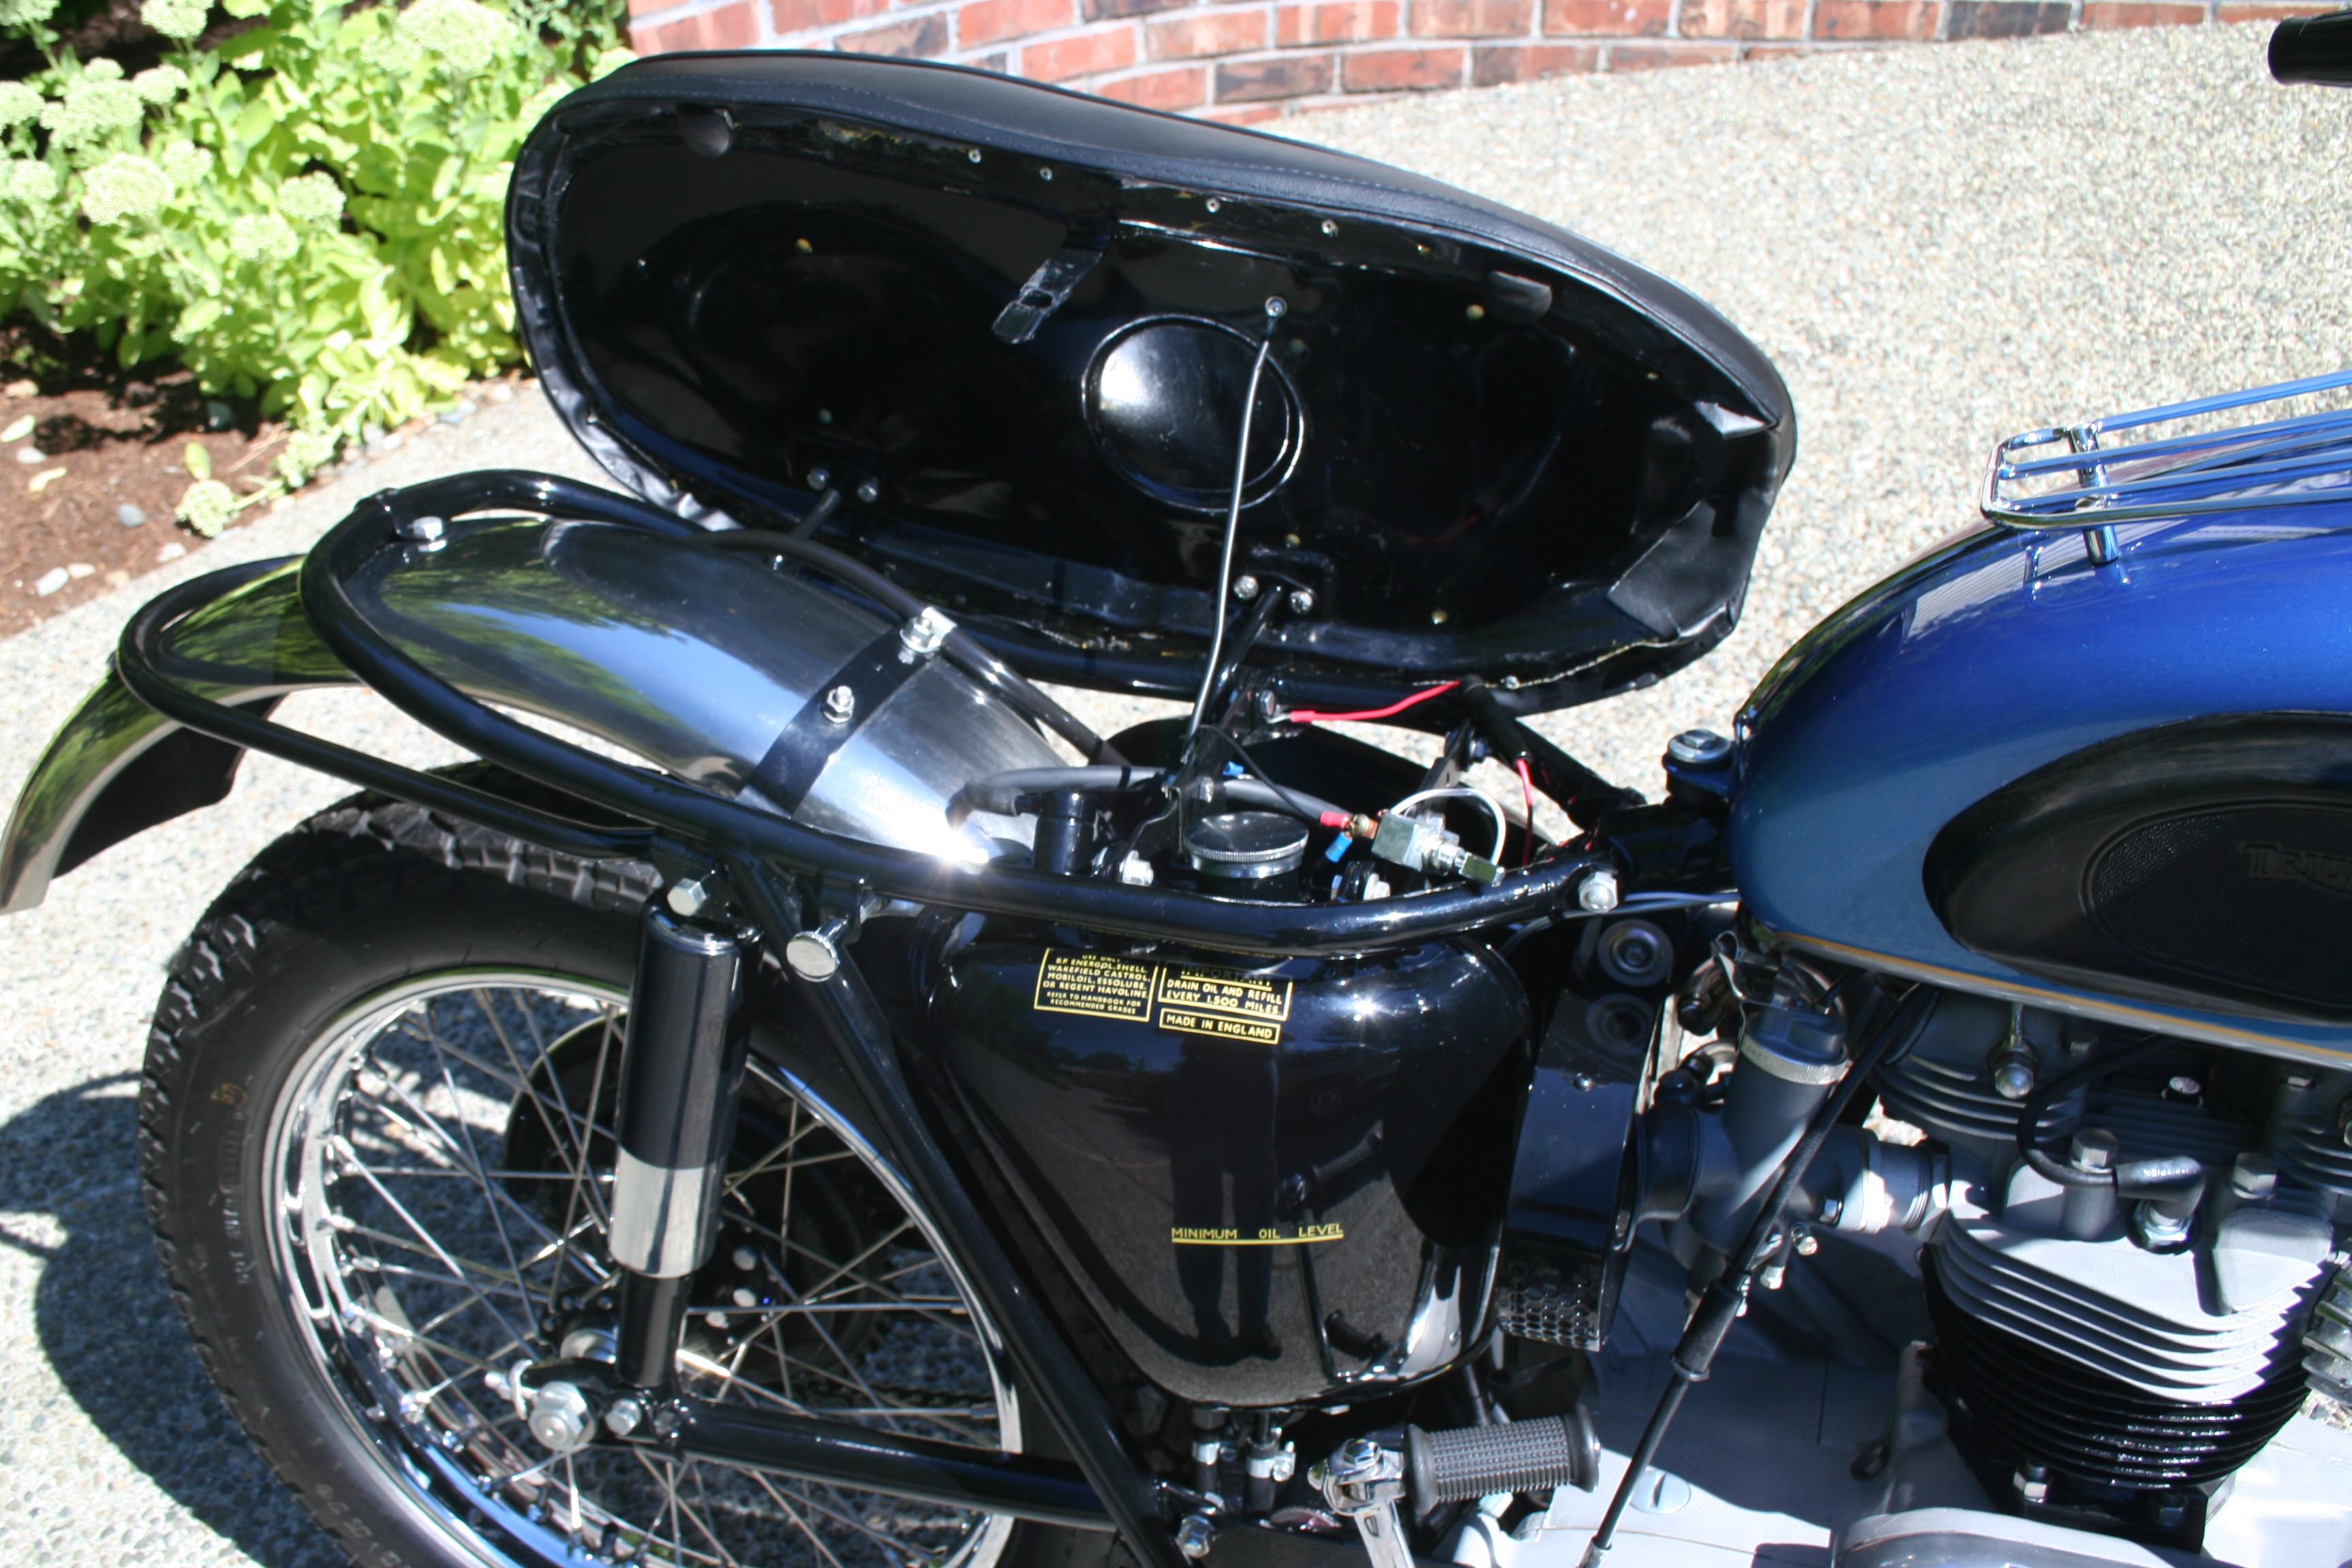 wayne s triumph motorcycles sold 1965 triumph bonneville t120c rh triumphmotorcycles typepad com 1970 Triumph Bonneville 750 Electrical 2001 Triumph Bonneville Engine Diagram